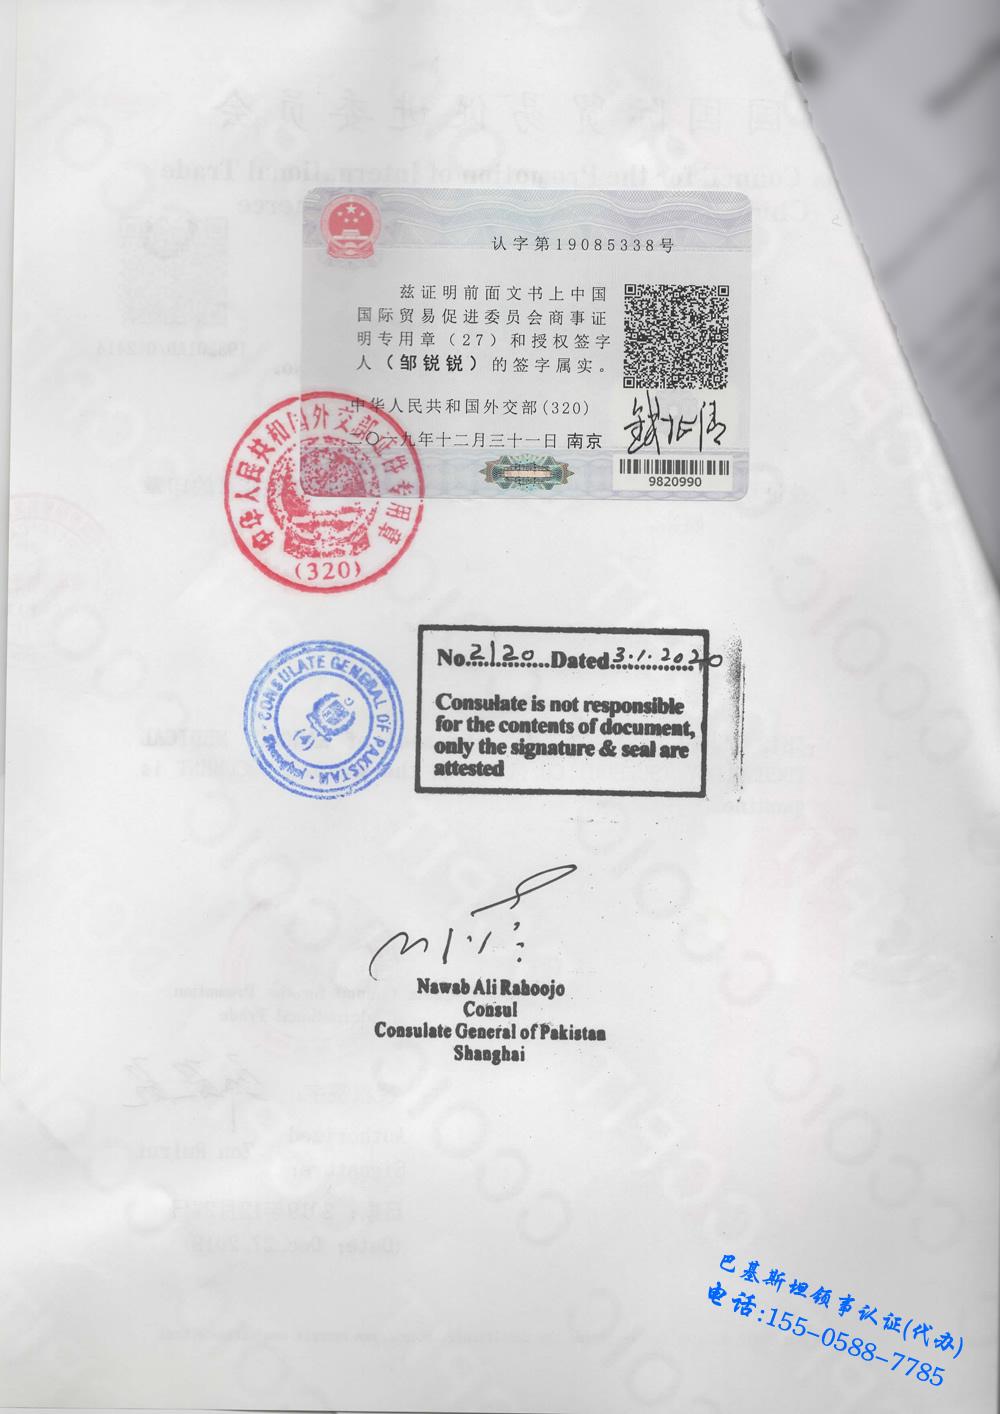 巴基斯坦领事认证